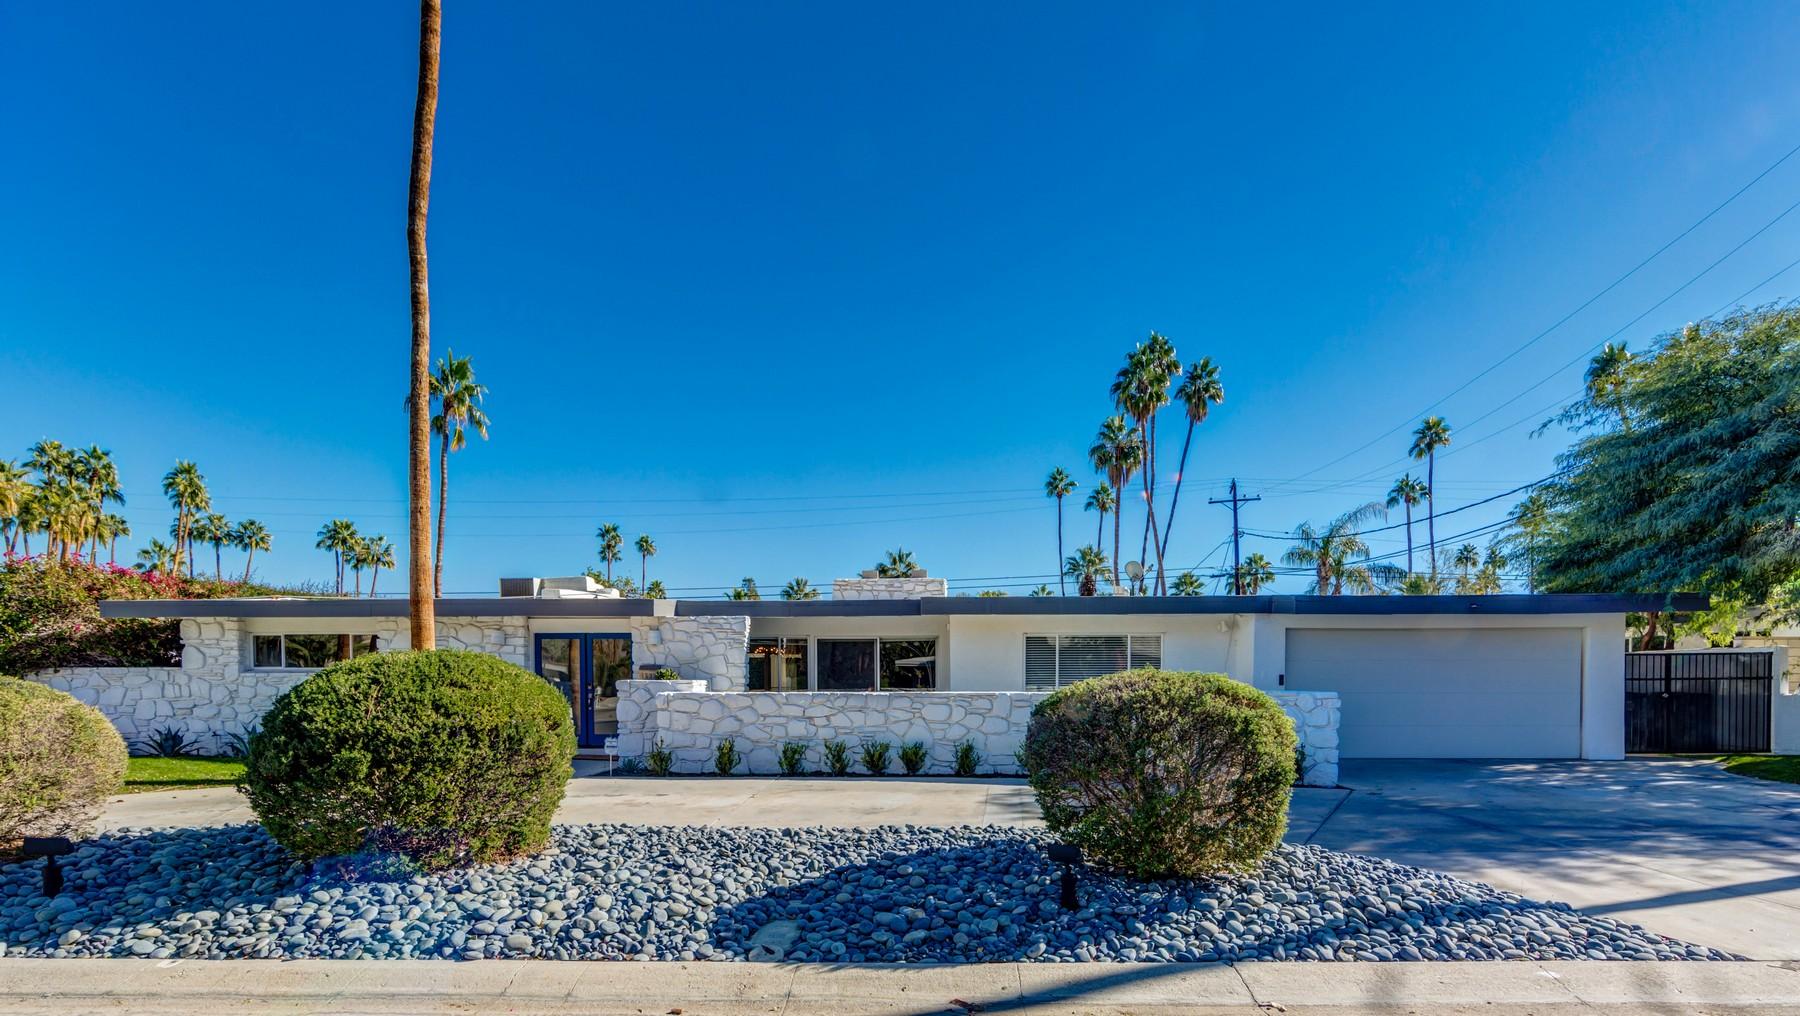 Частный односемейный дом для того Продажа на 1632 S Sagebrush Palm Springs, Калифорния 92234 Соединенные Штаты